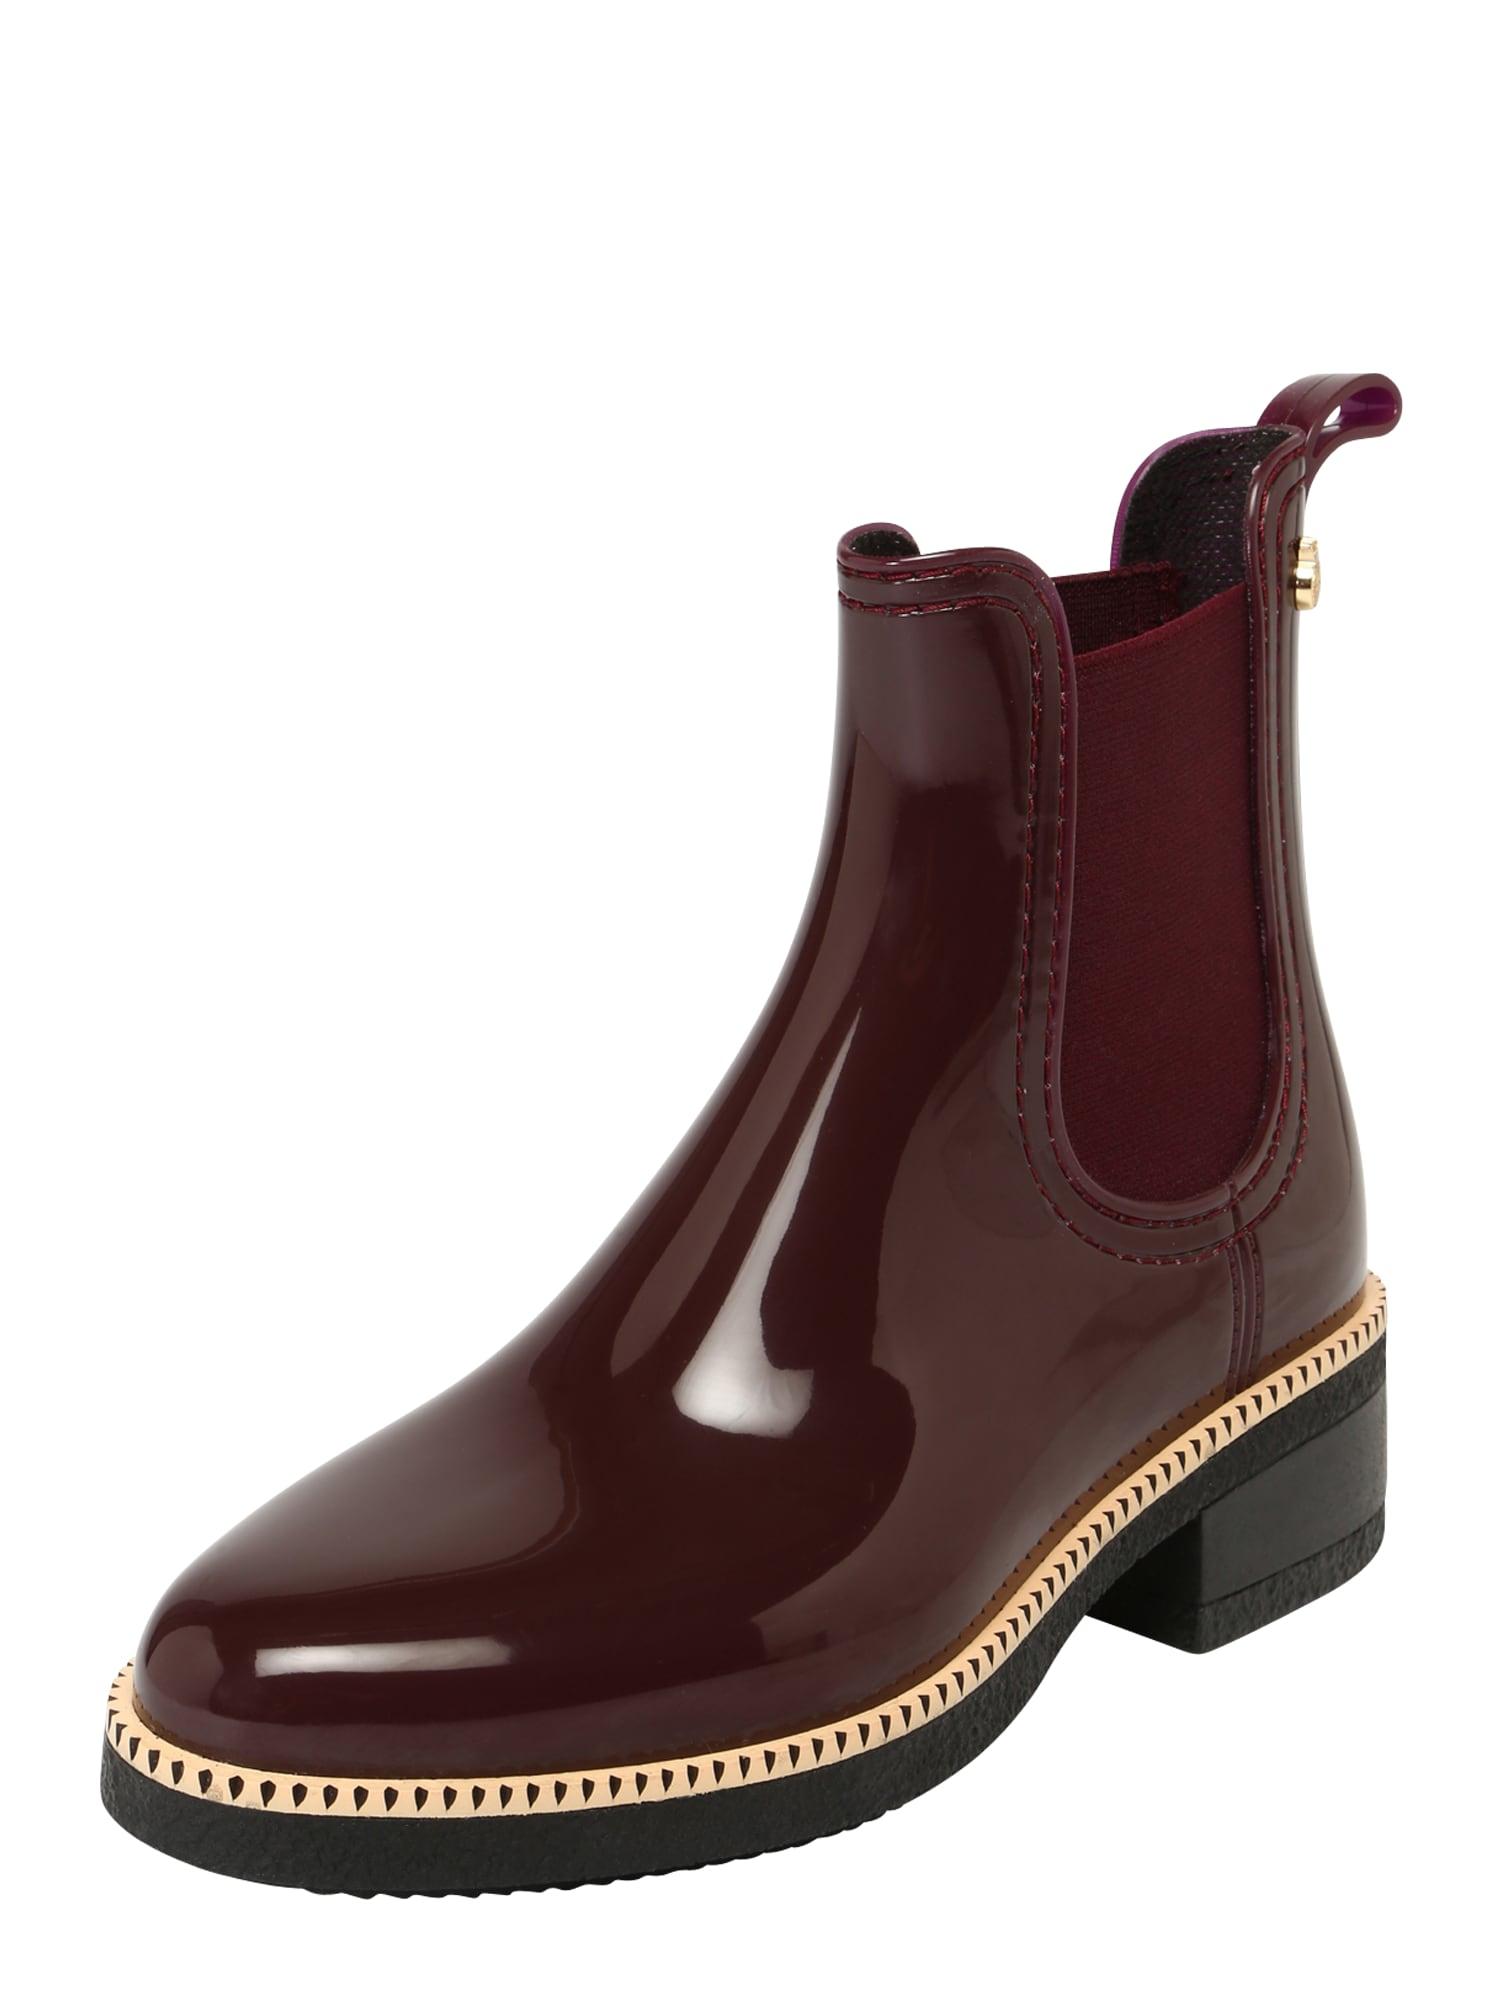 LEMON JELLY Guminiai batai 'AVA' vyno raudona spalva